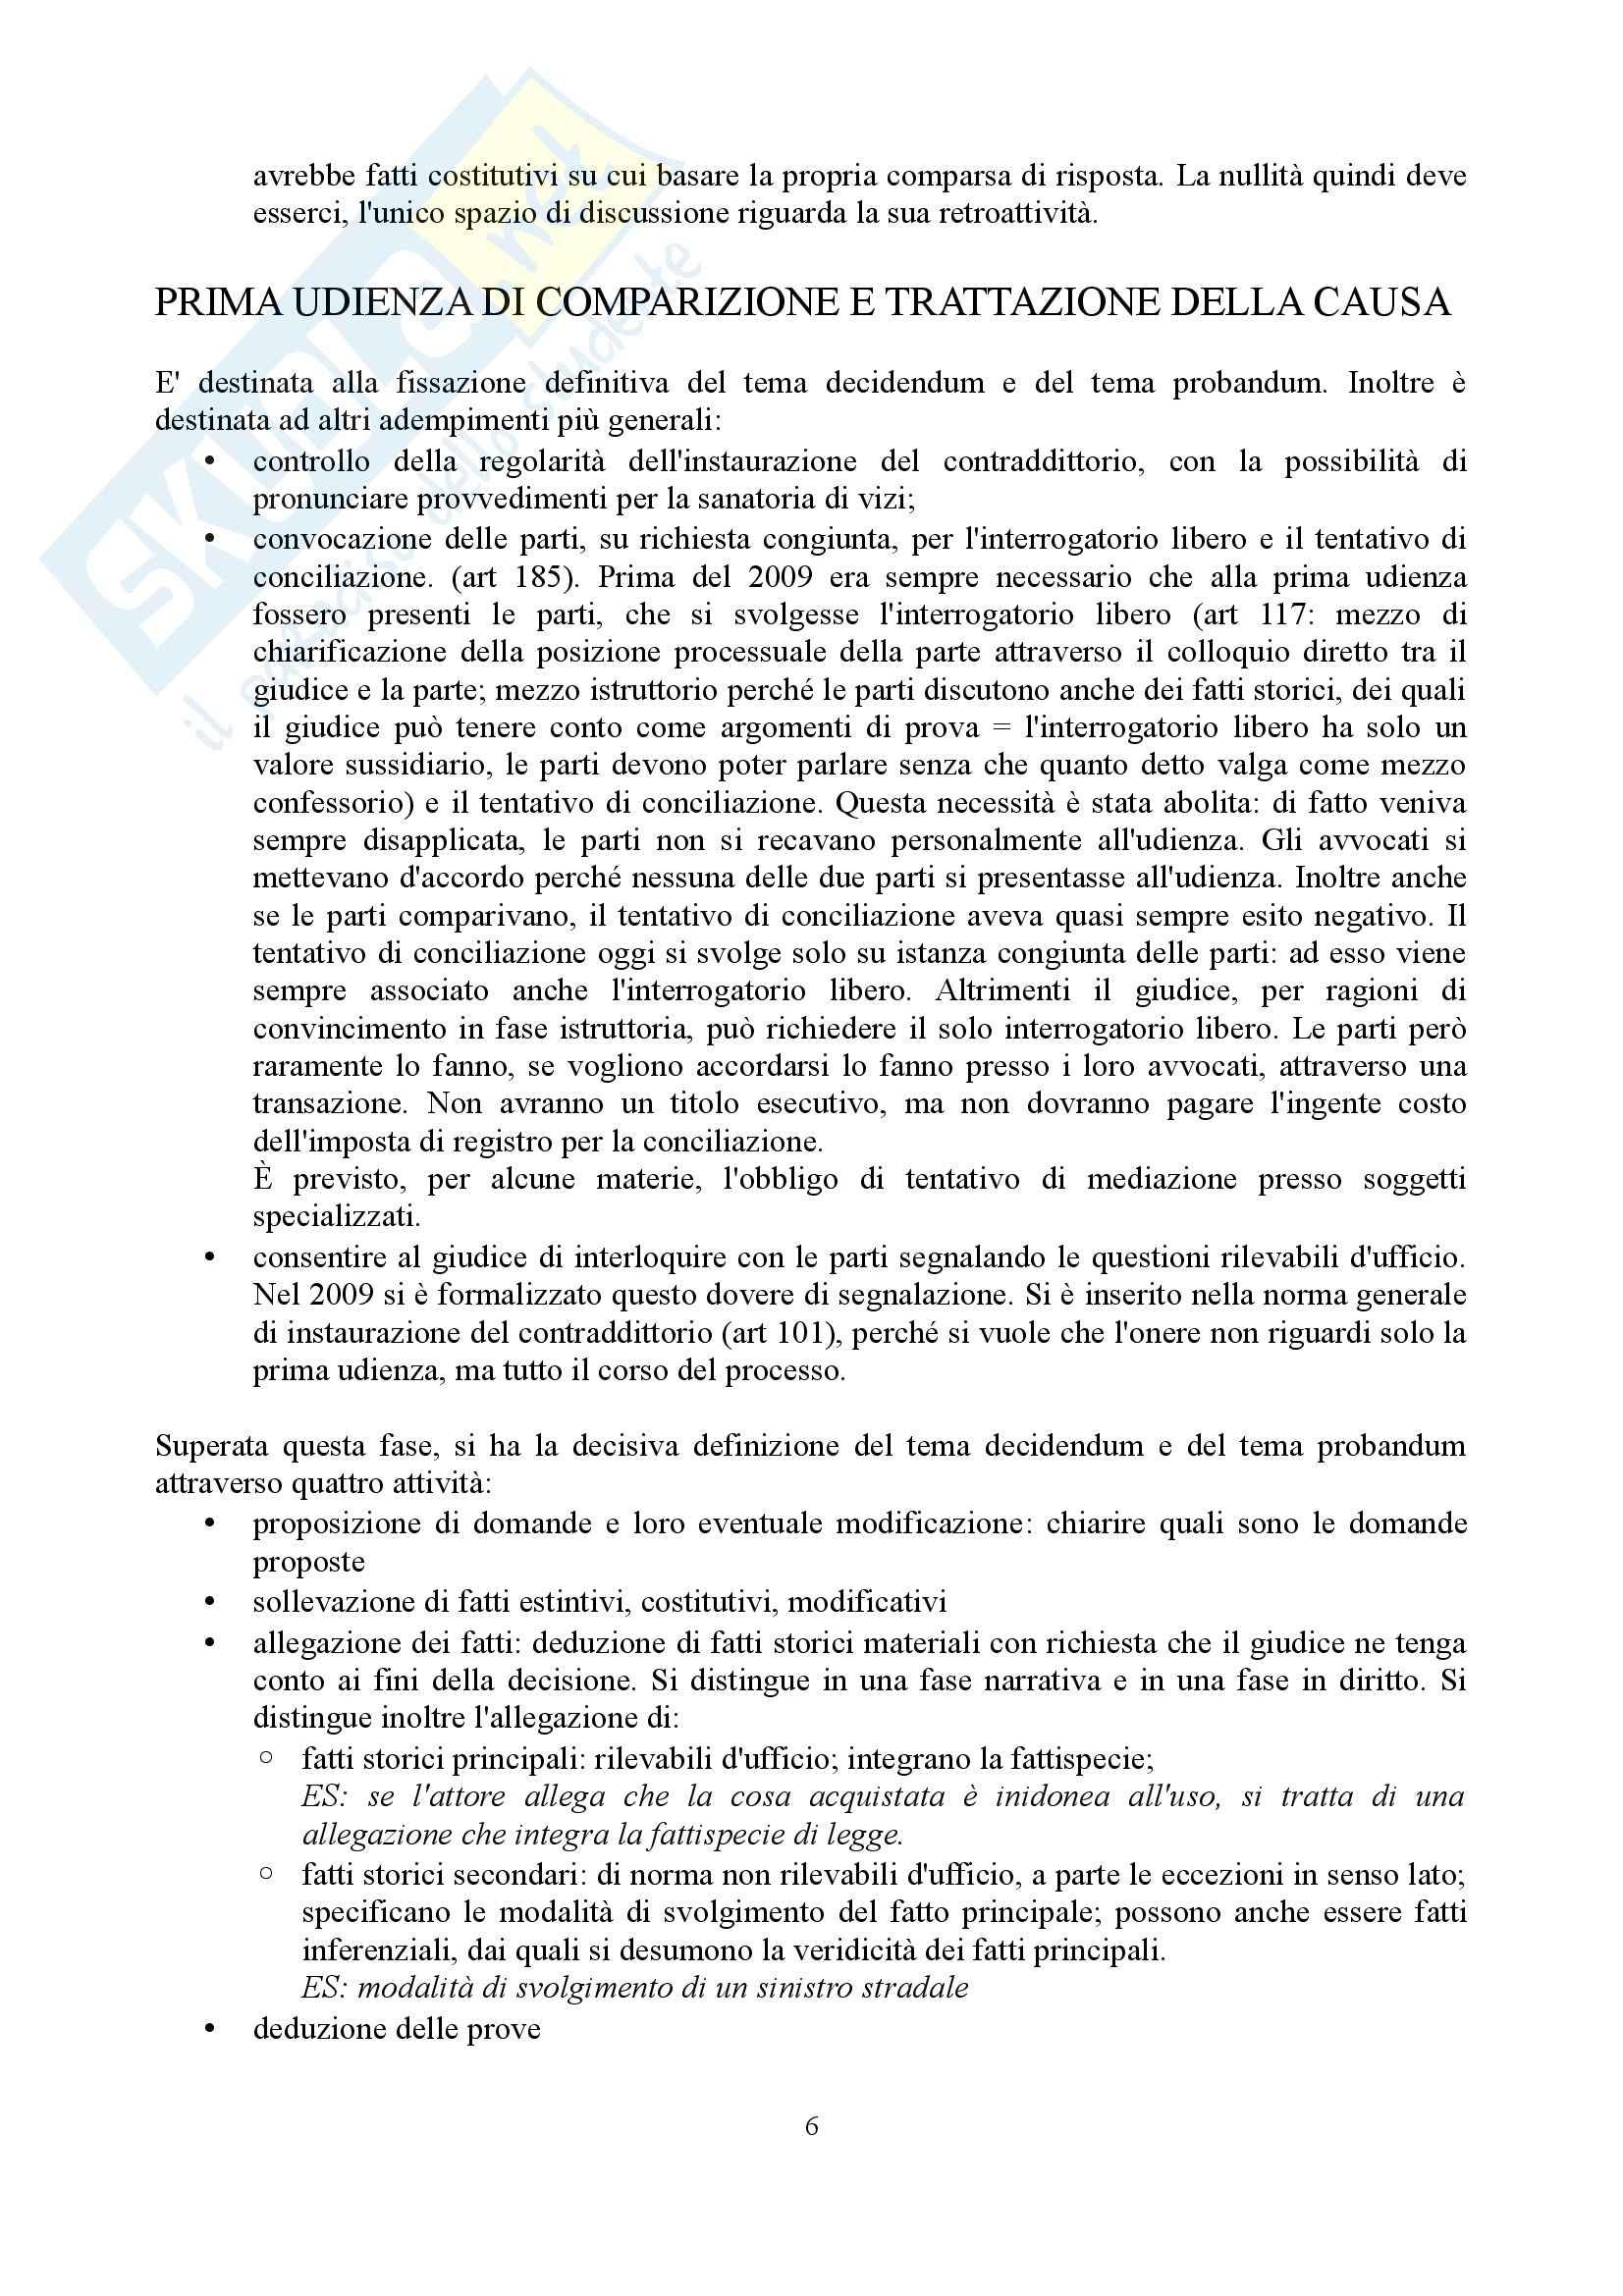 Diritto processuale civile - Appunti (parte 2) Pag. 6